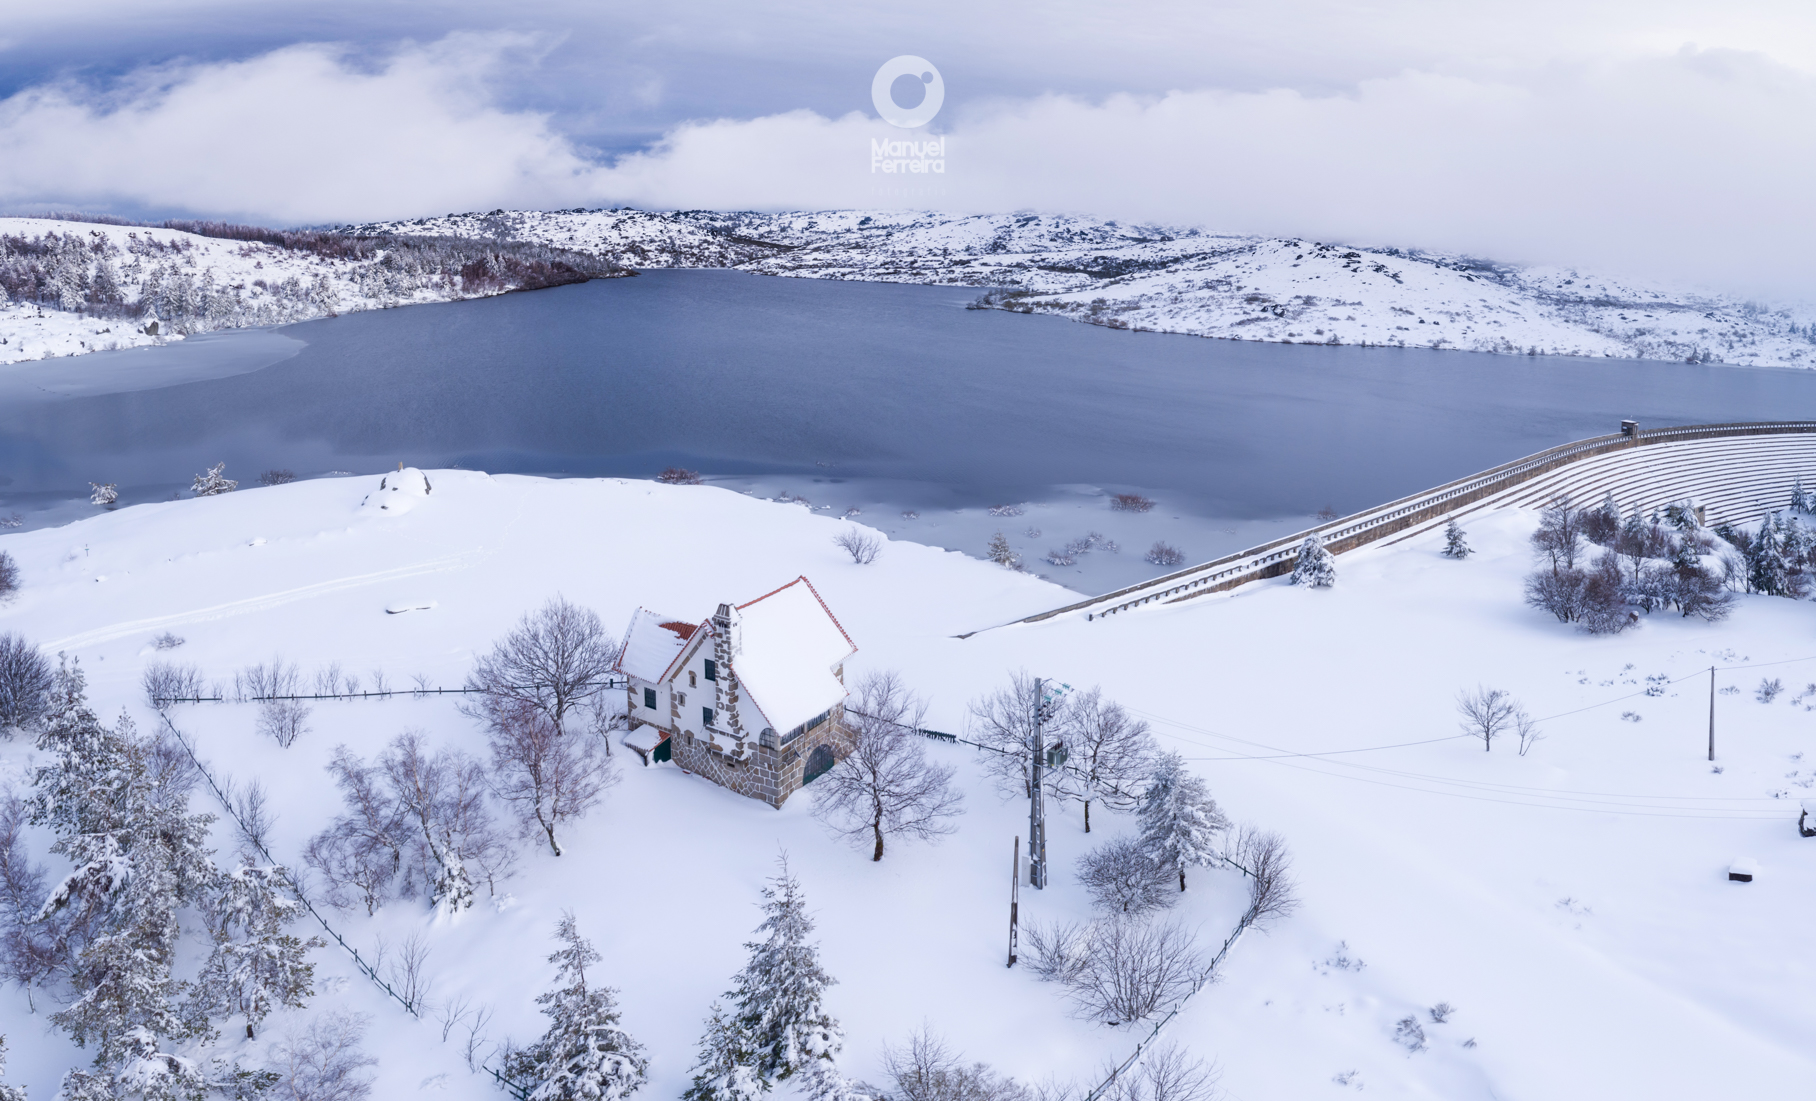 25 fotografias que mostram a magia da Serra da Estrela durante o inverno